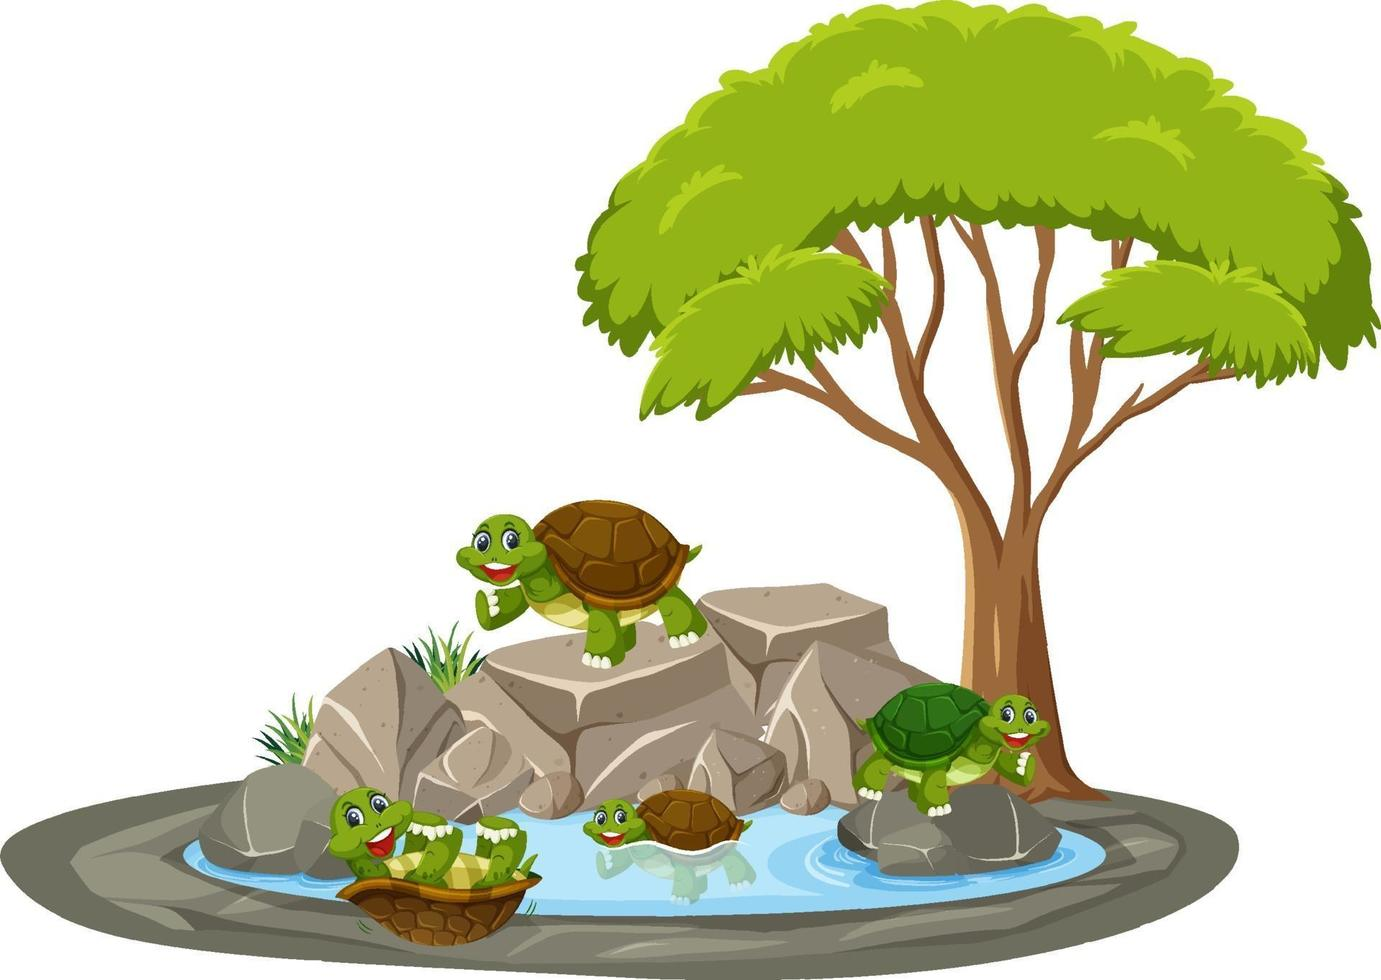 isolerad scen med många sköldpaddor runt dammen vektor